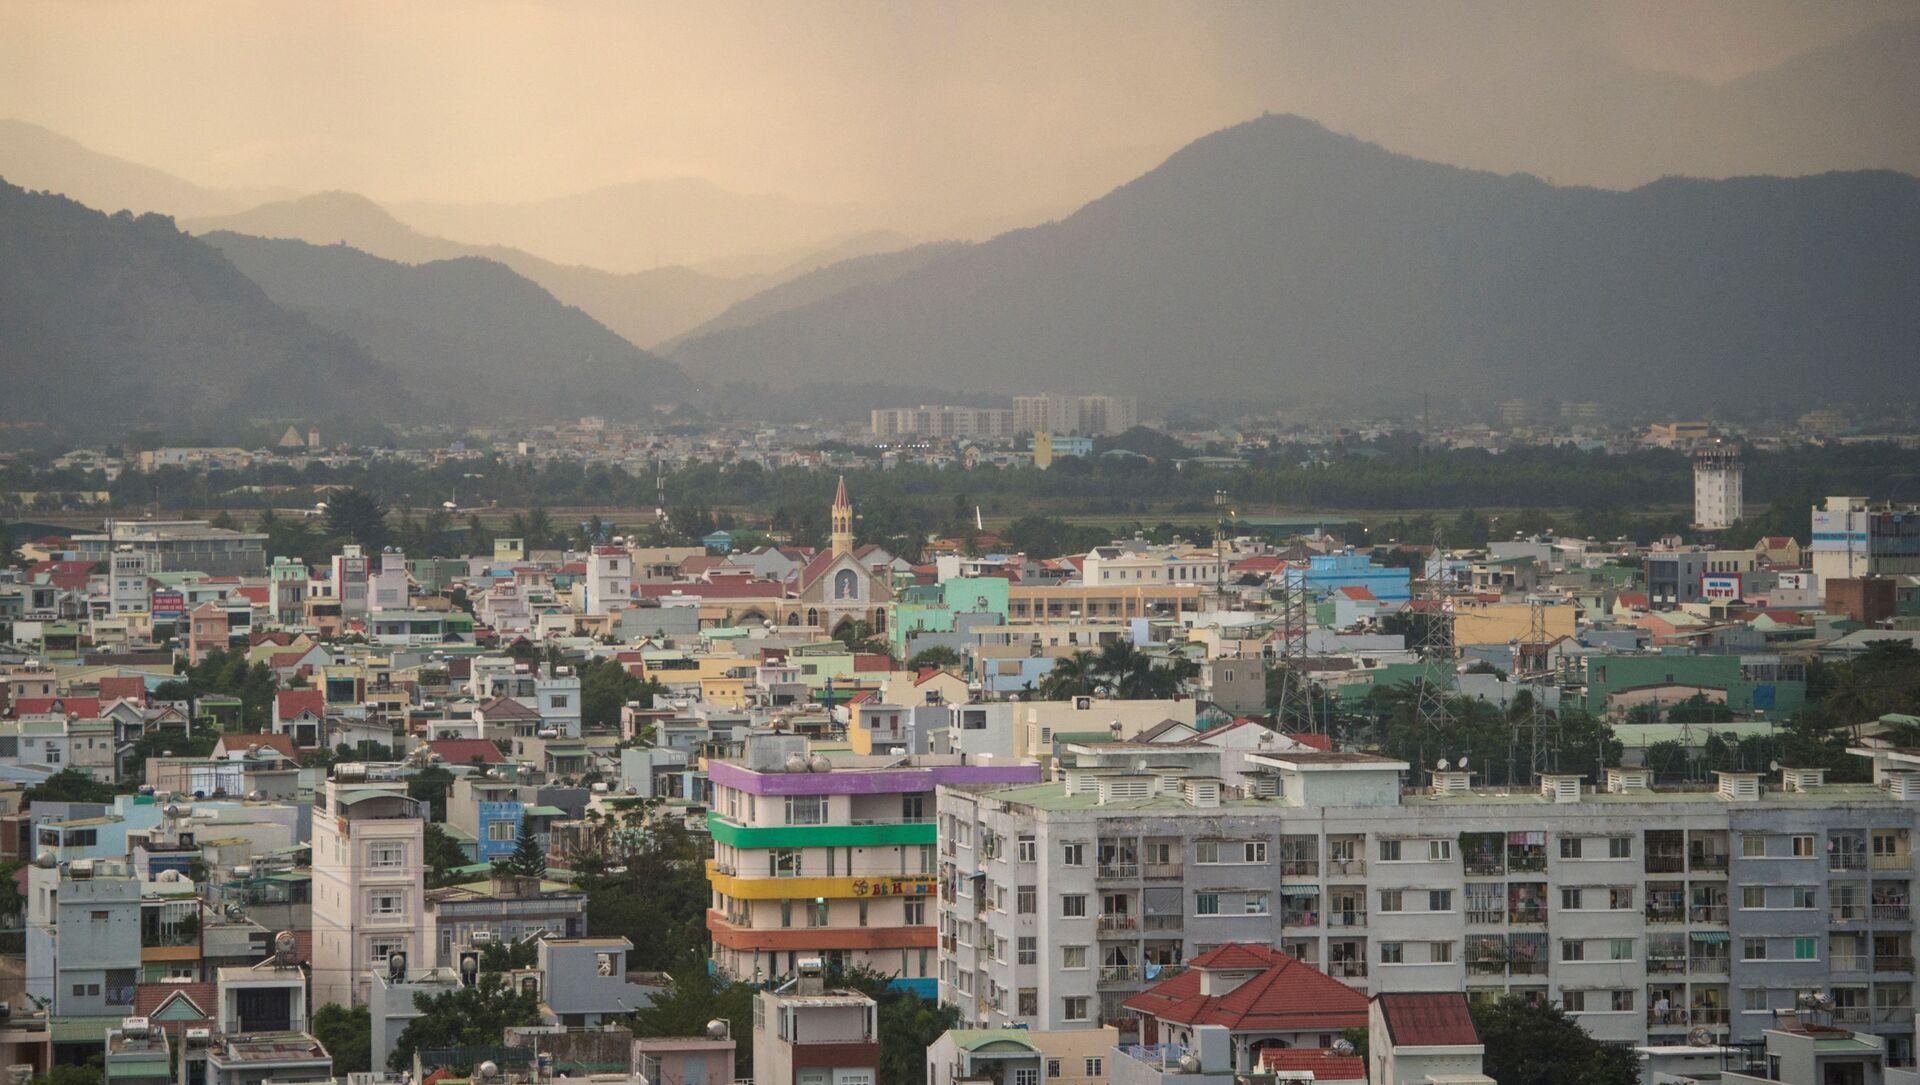 Thành phố Đà Nẵng. - Sputnik Việt Nam, 1920, 13.04.2021